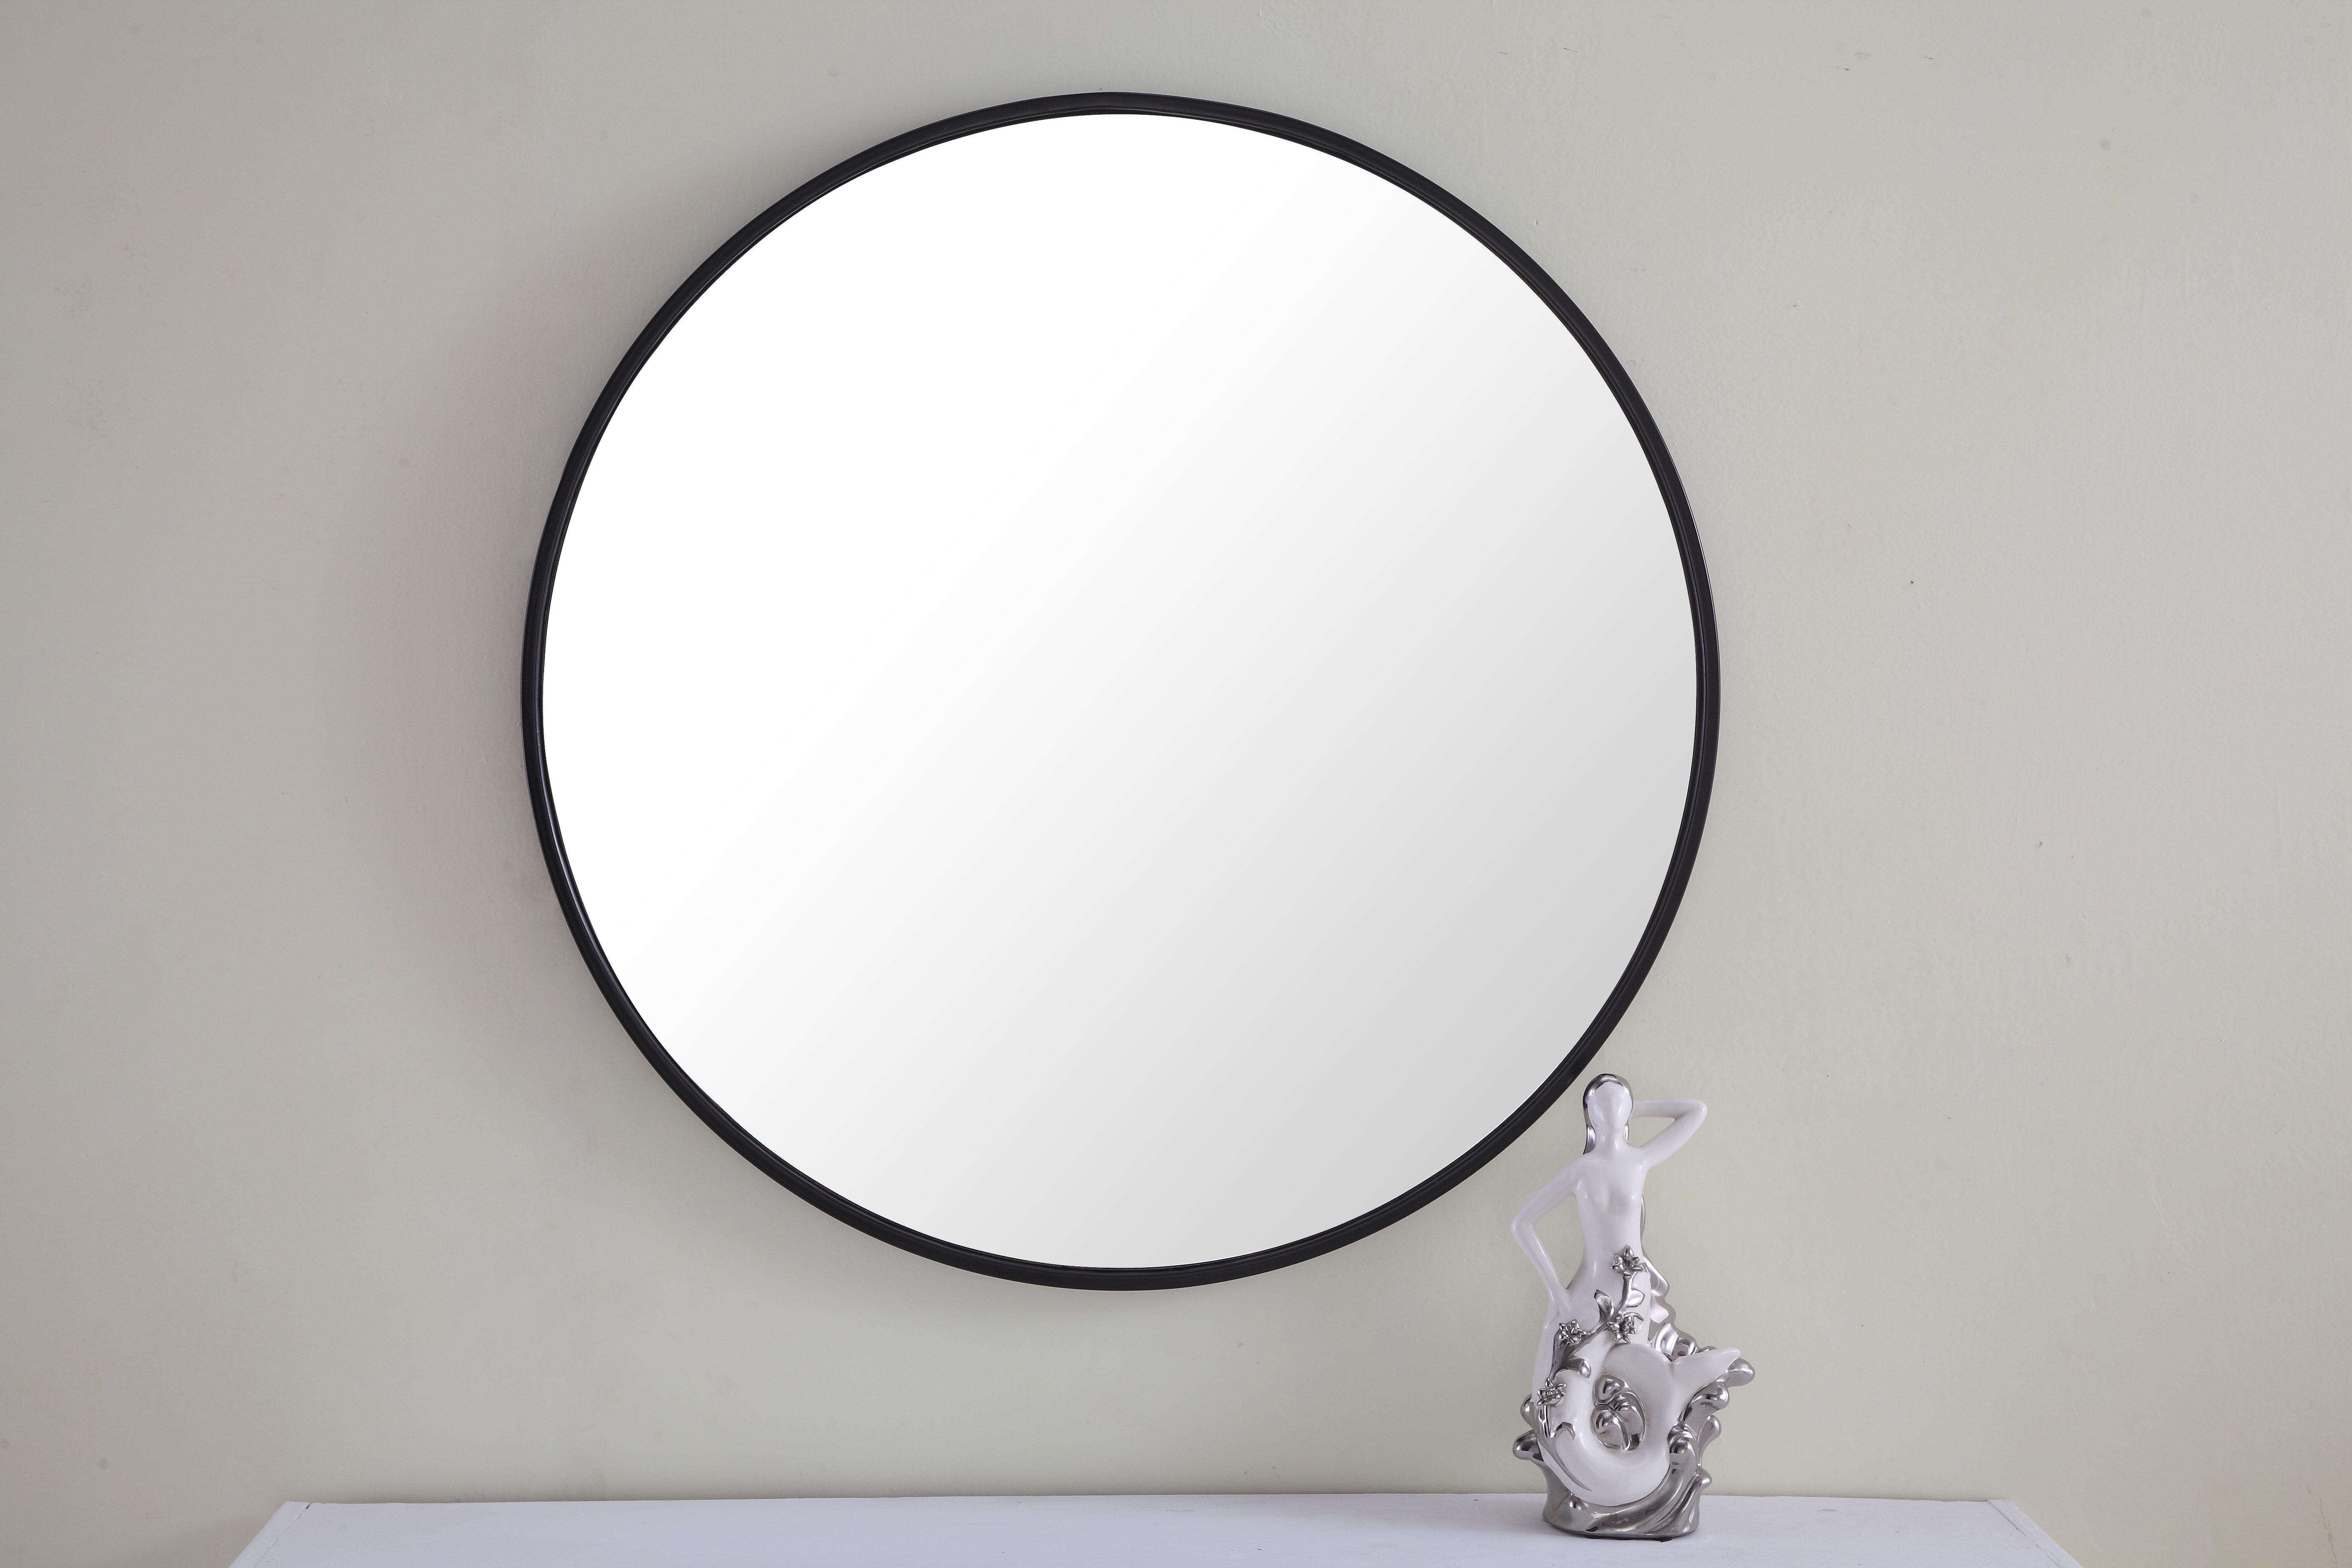 Modern & Contemporary 42 Inch Round Mirror   Allmodern Throughout Matthias Round Accent Mirrors (View 20 of 20)